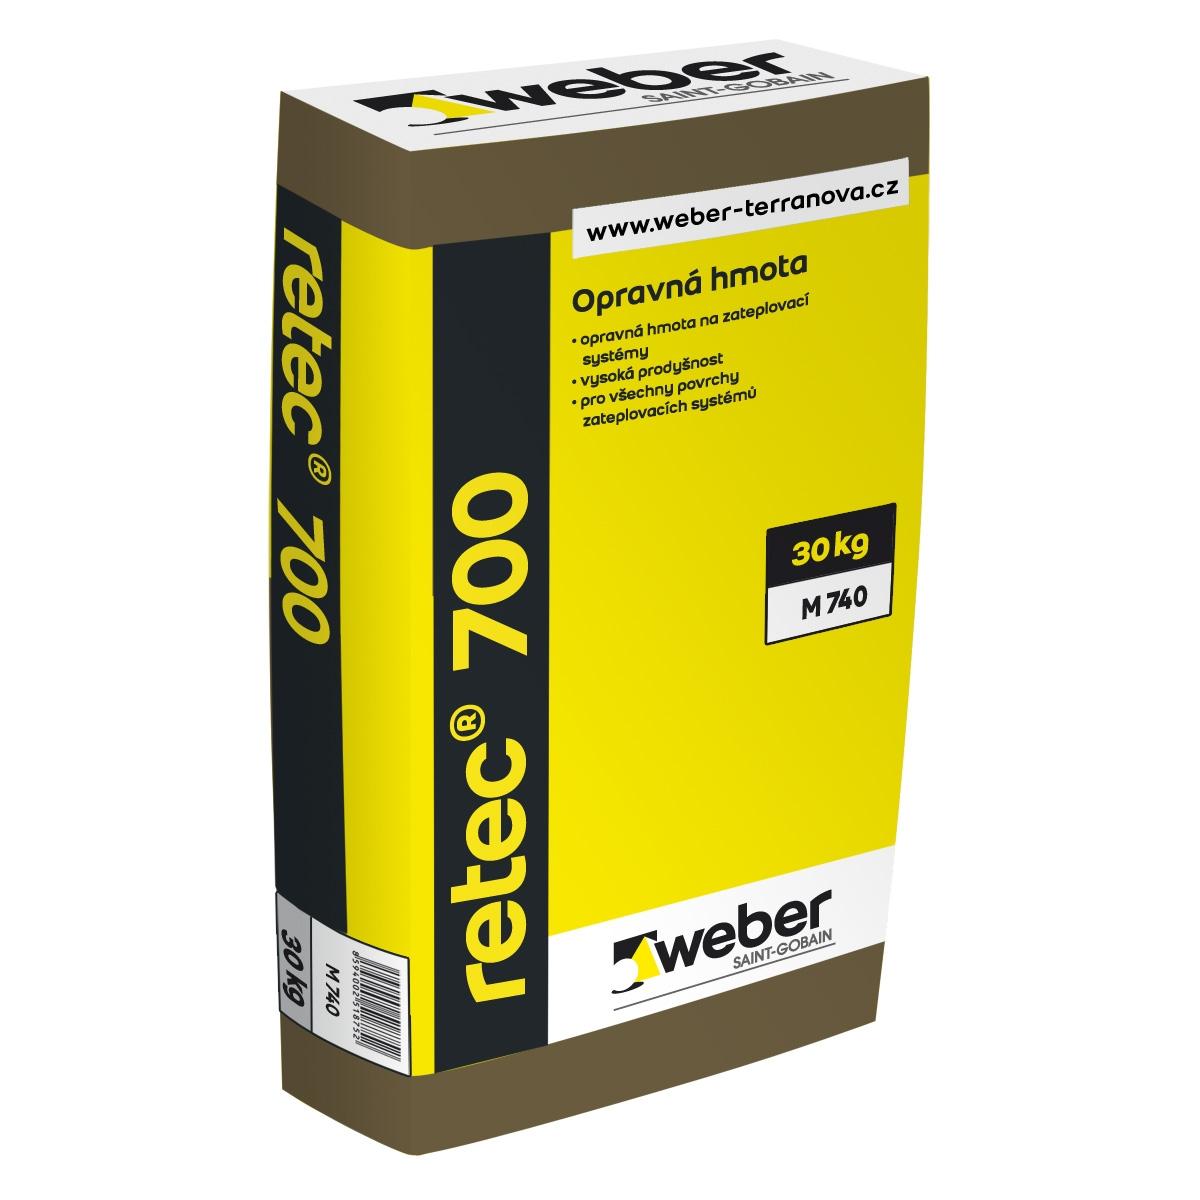 Lepící a stěrkový tmel Weber.therm retec 700 na opravu zateplovacích systémů, 30kg